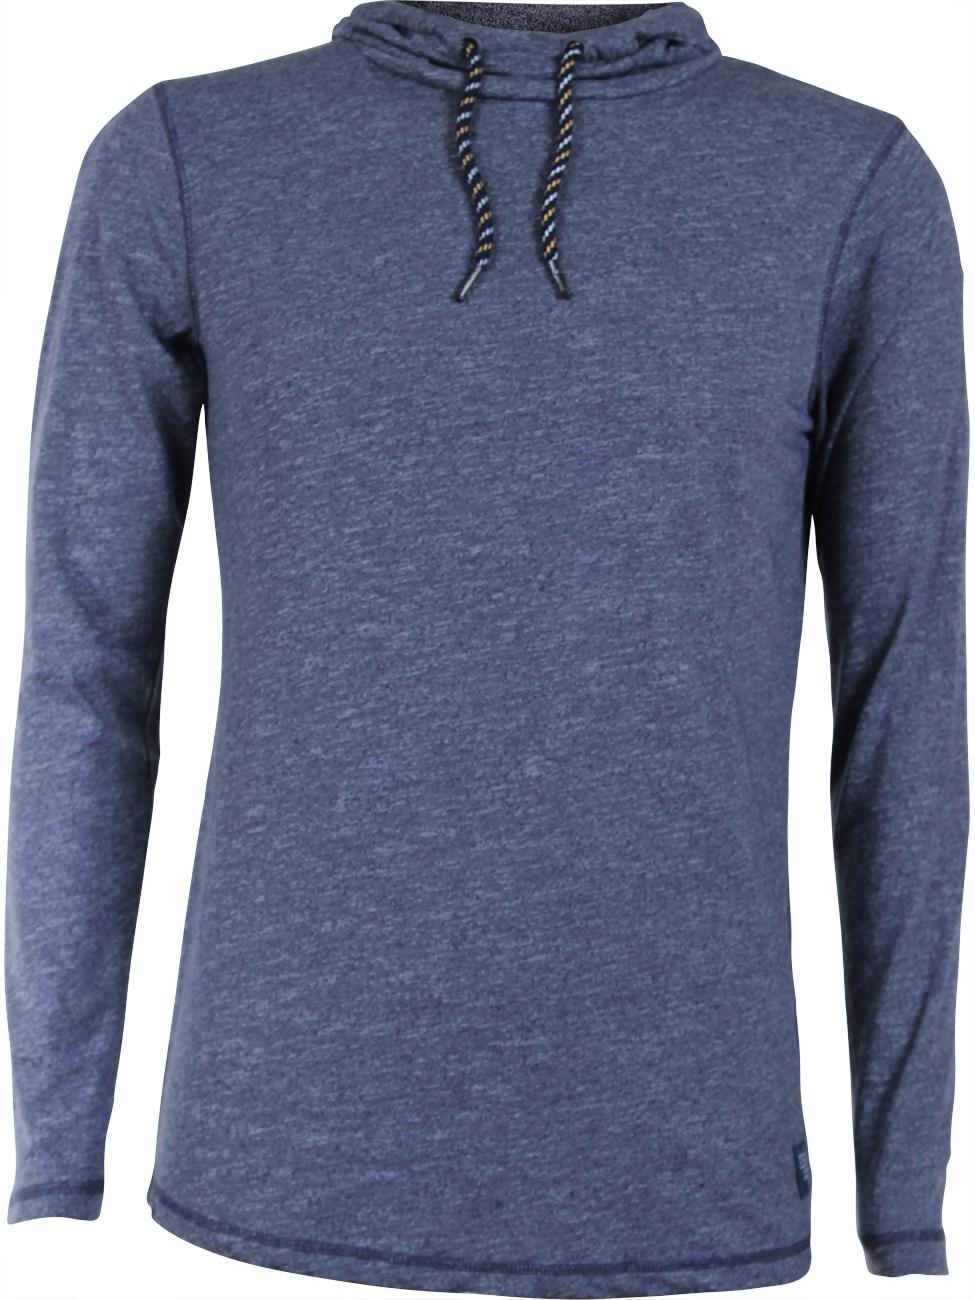 tom tailor denim herren langarmshirt mit kapuze kaufen. Black Bedroom Furniture Sets. Home Design Ideas